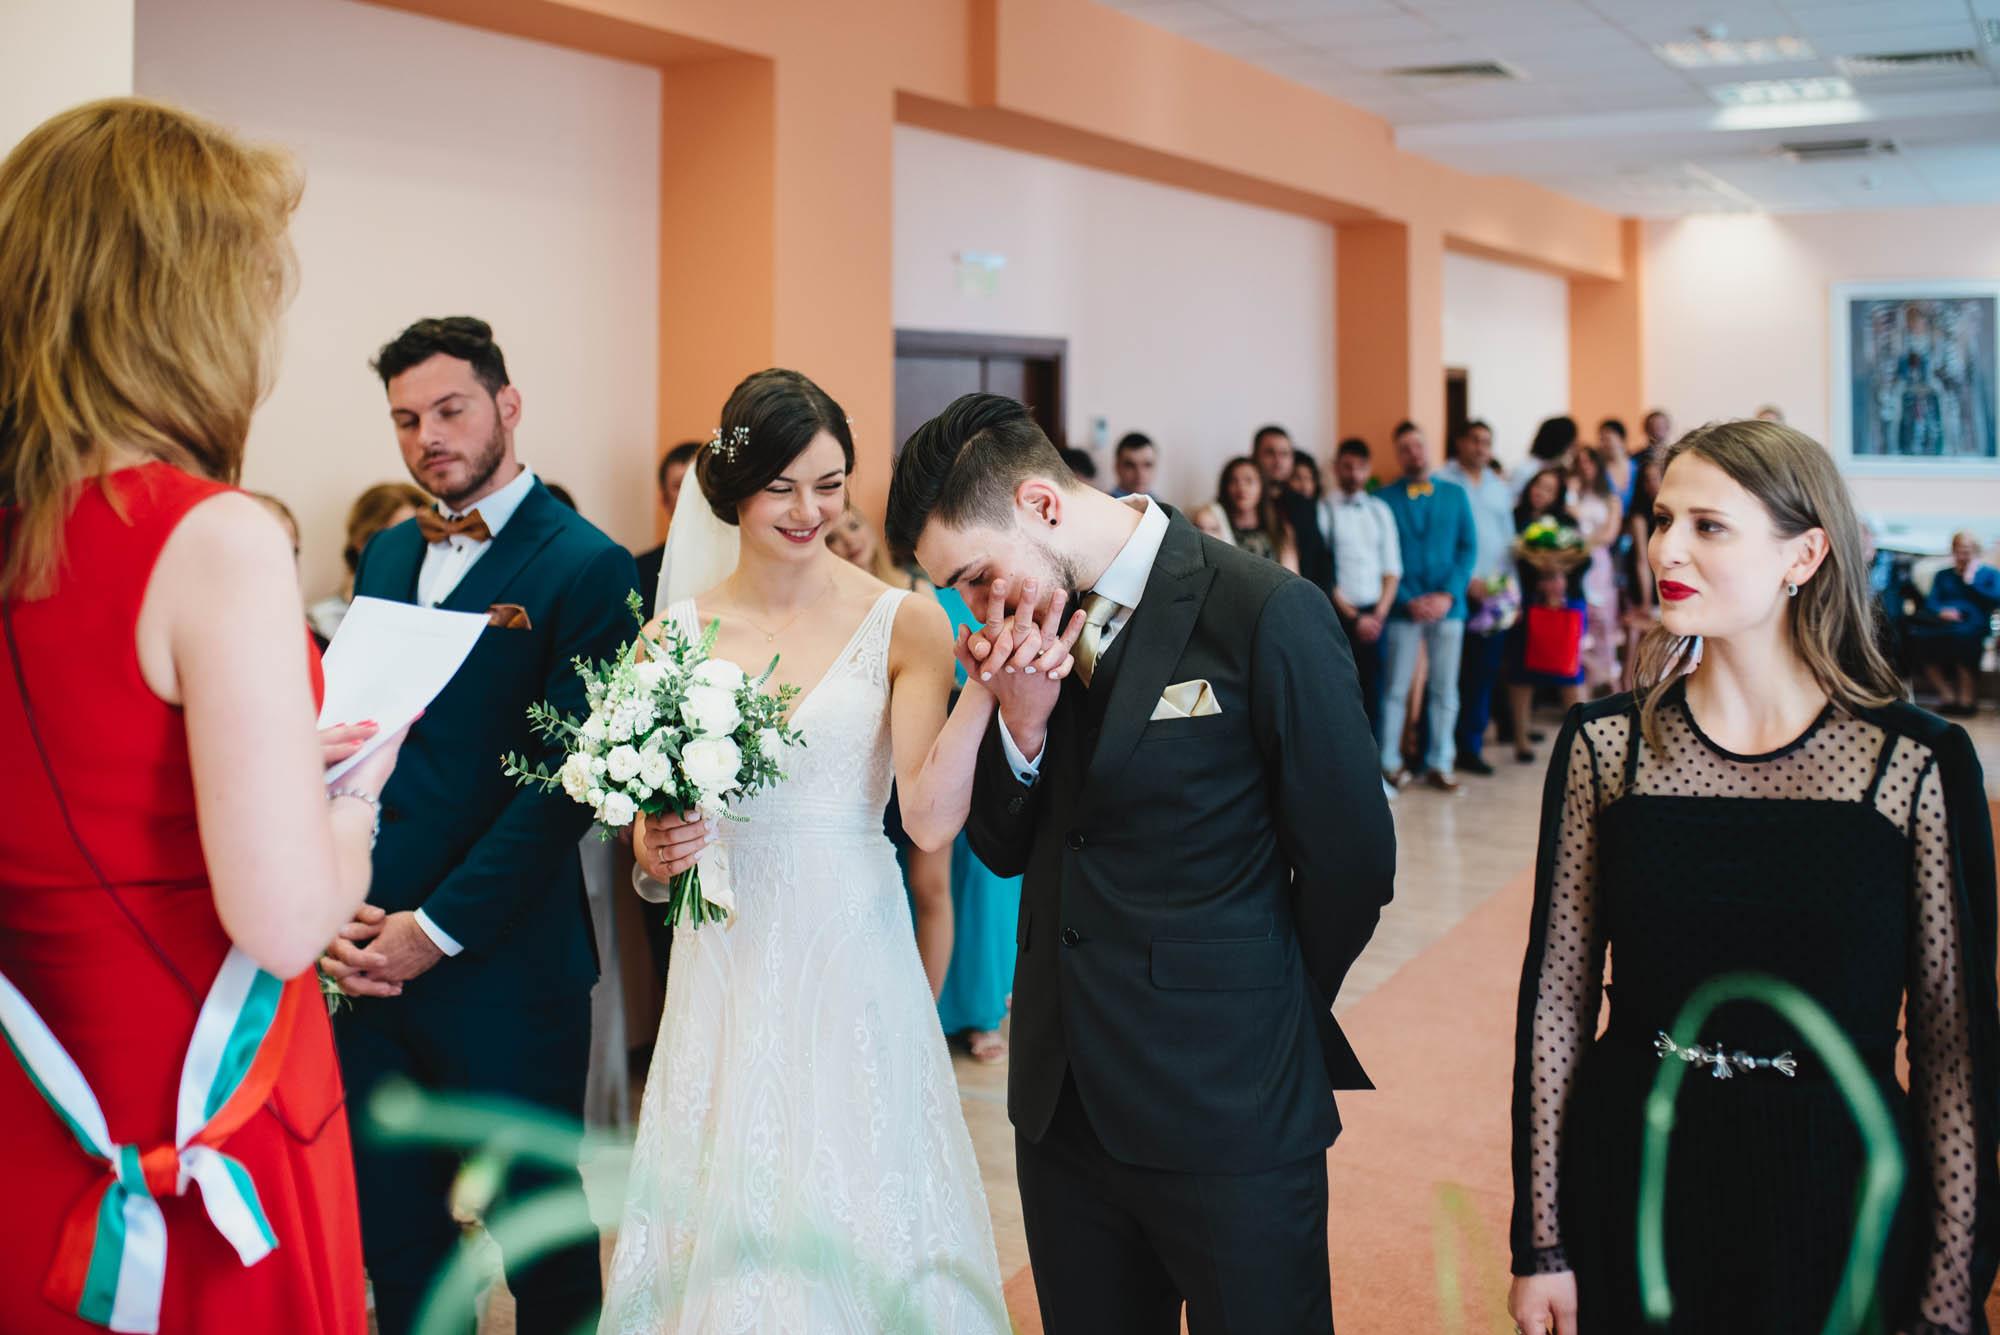 Младоженецът целува ръката на булката по време на гражданския ритуал